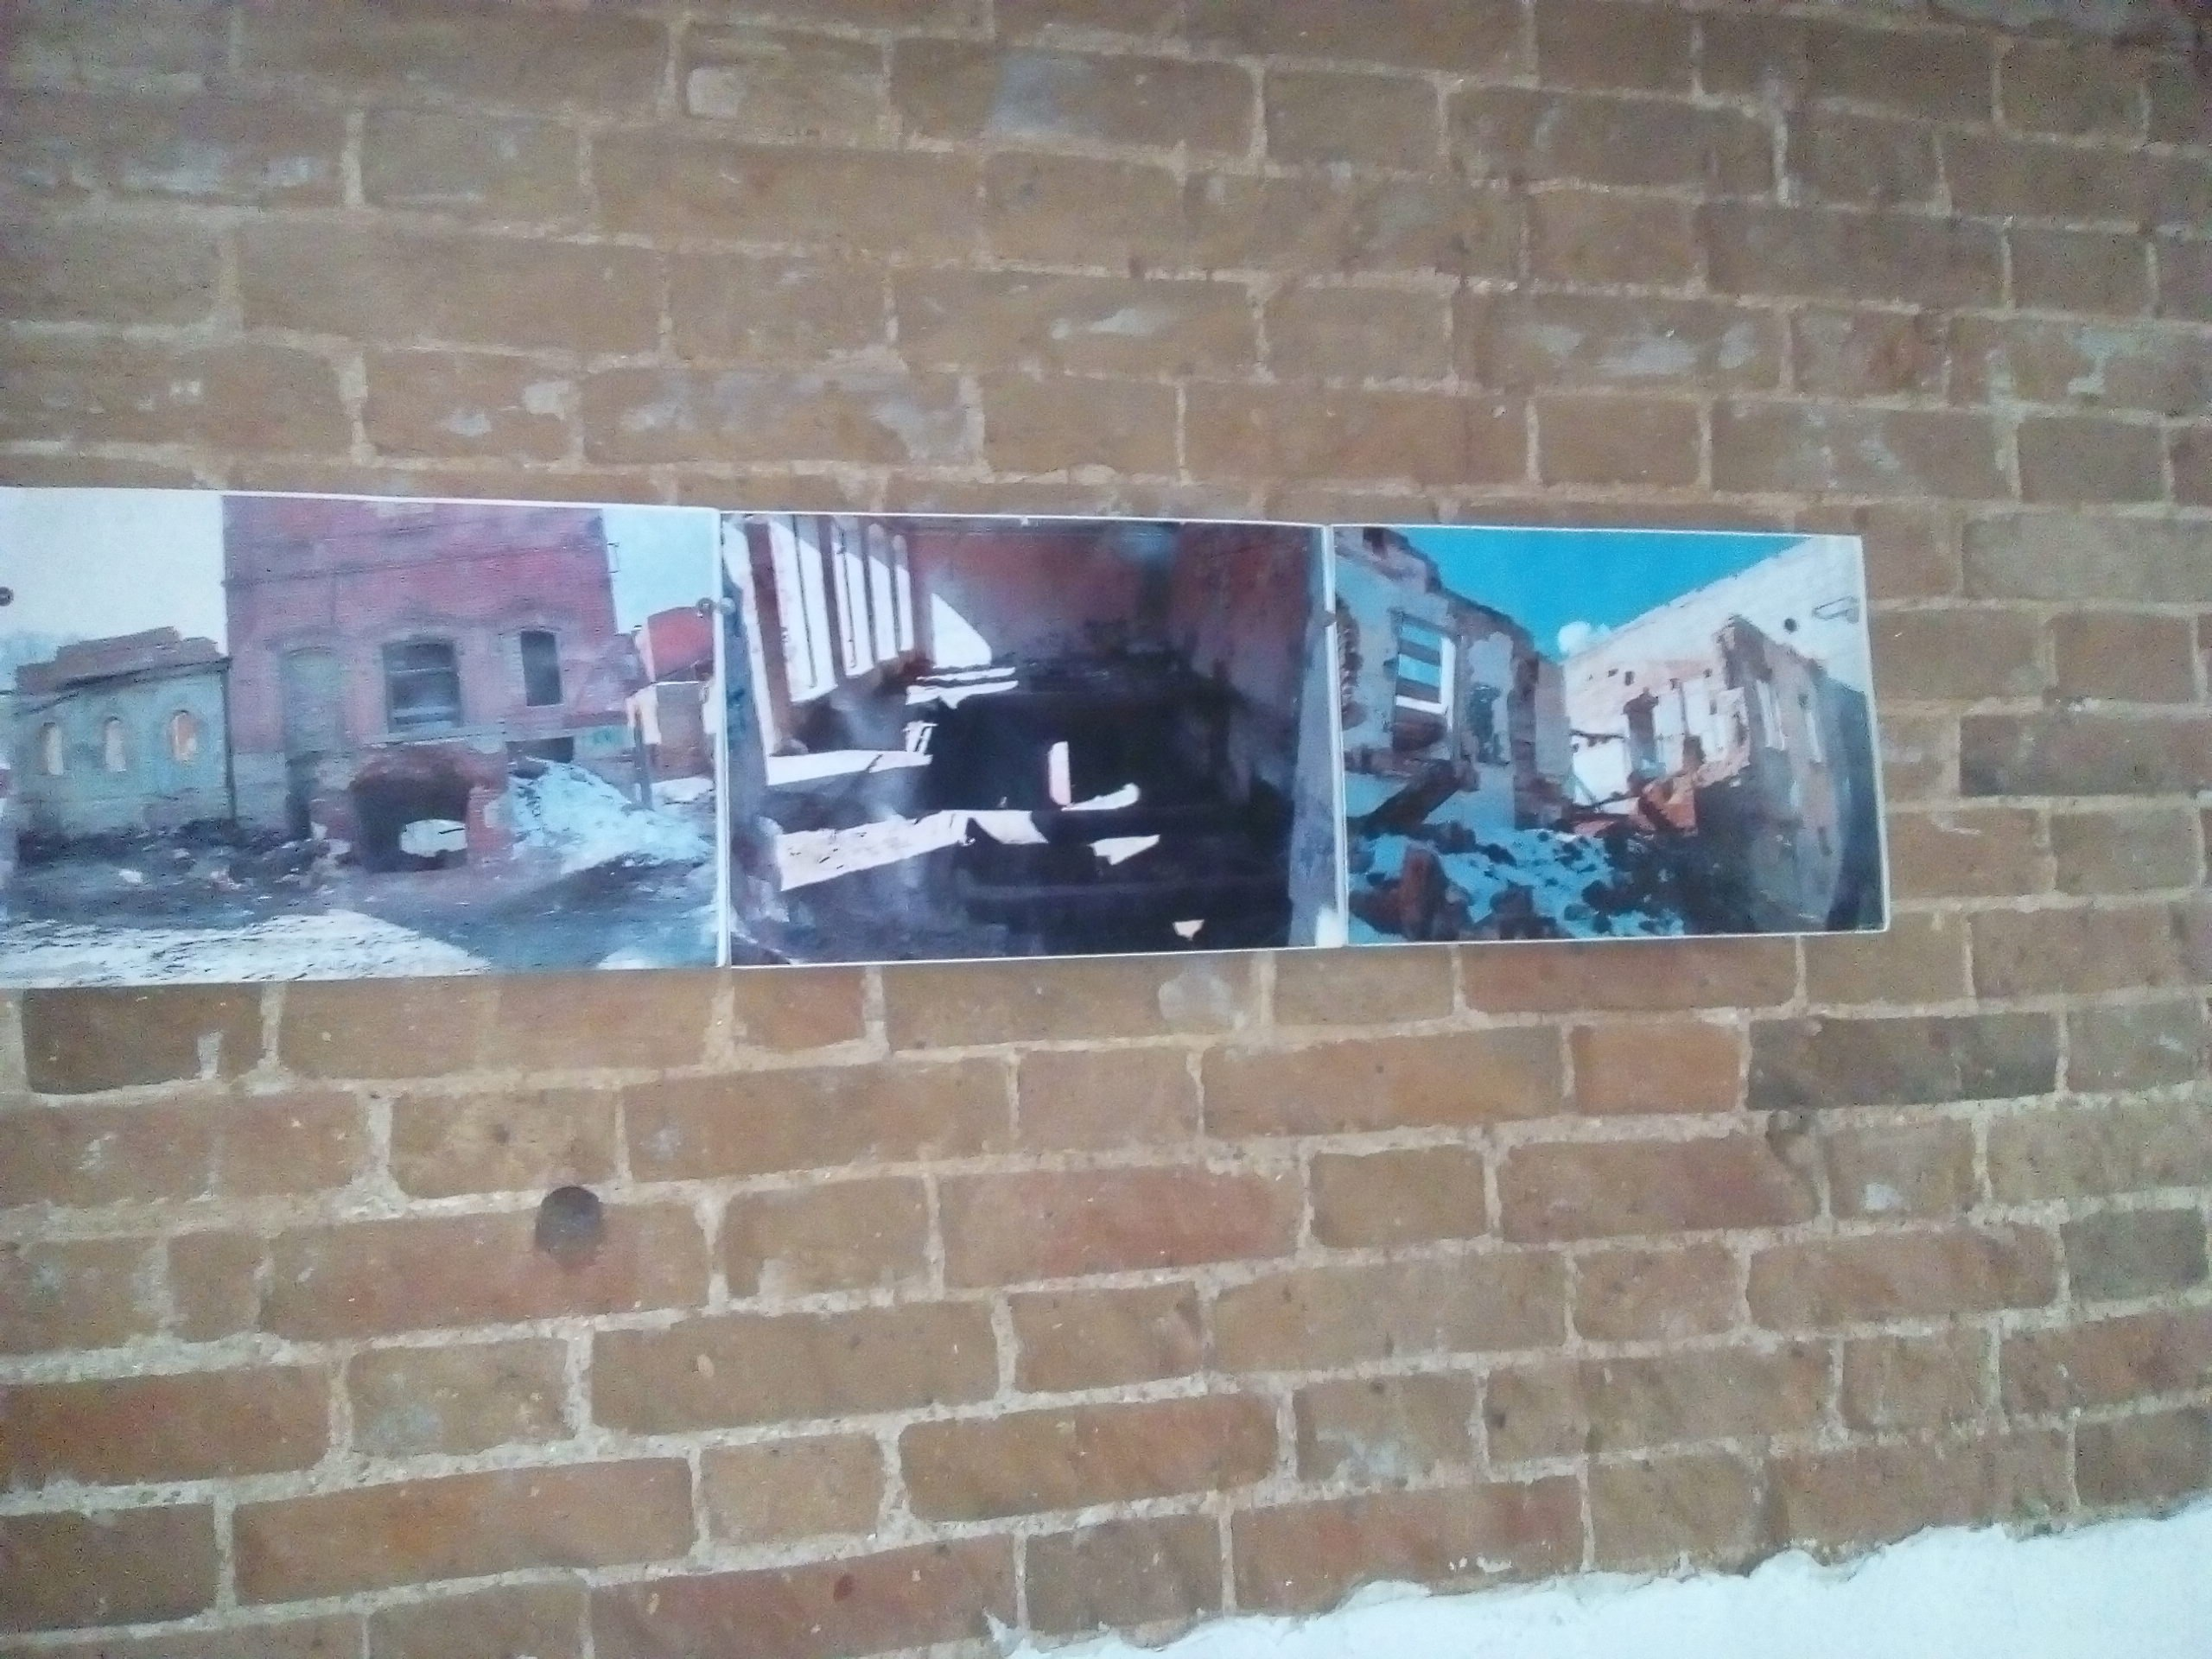 Стены дома украшены красочными фотографиями (27.02.2017)